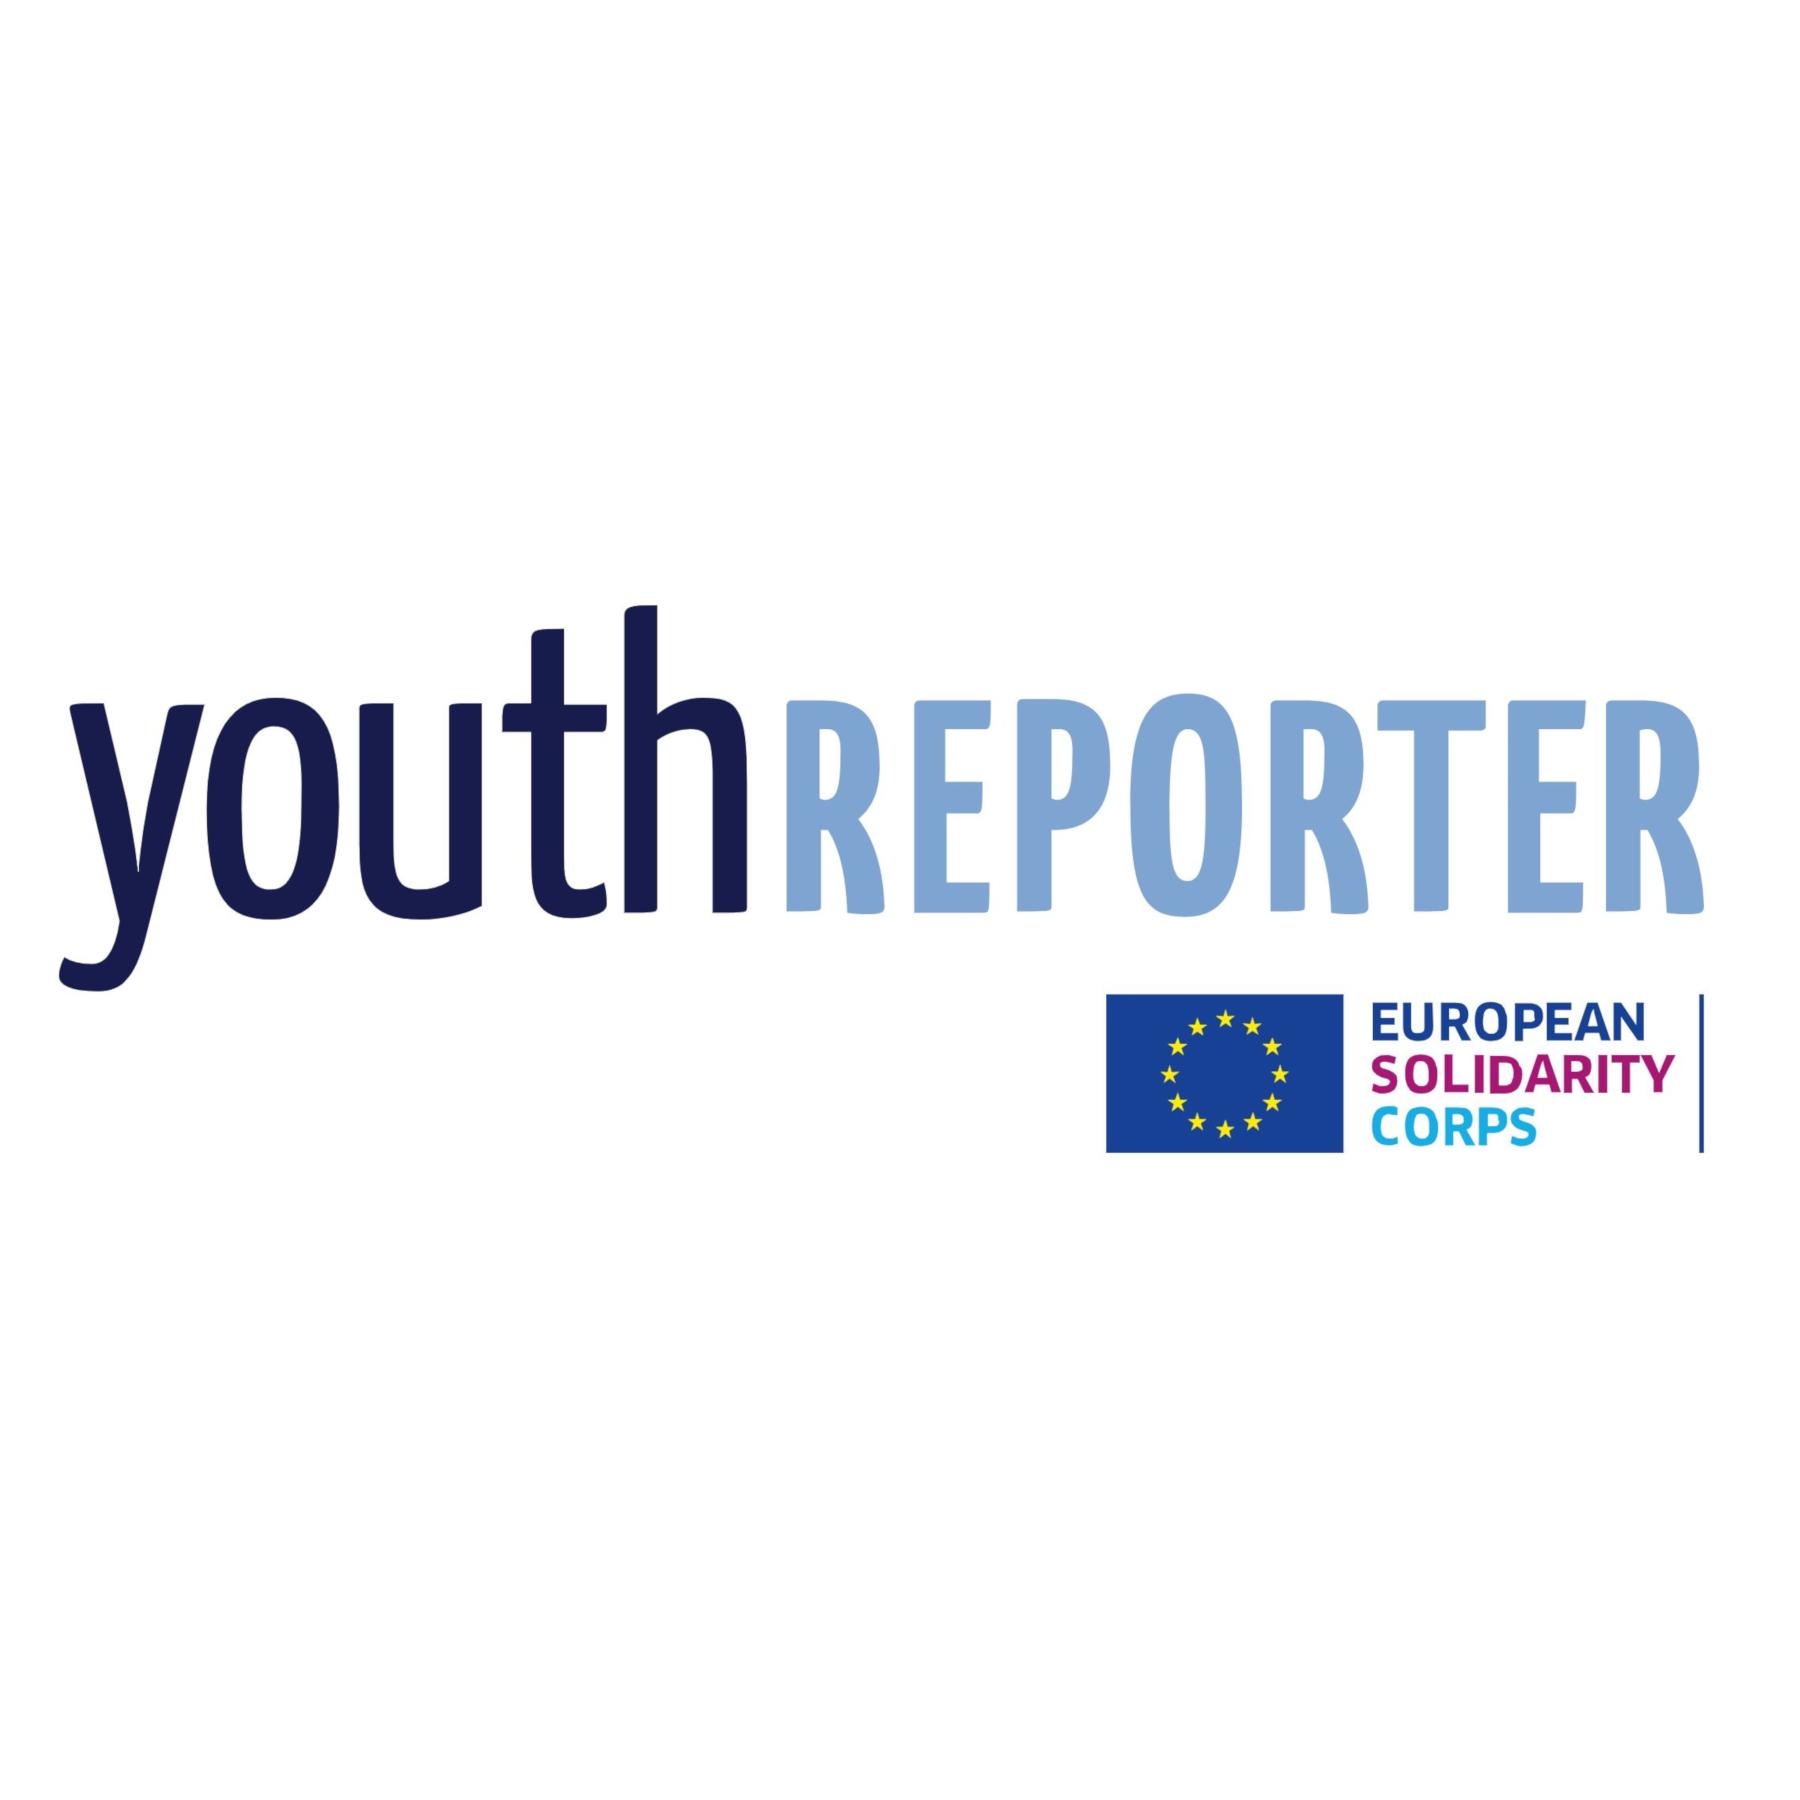 Youthreporter Logo